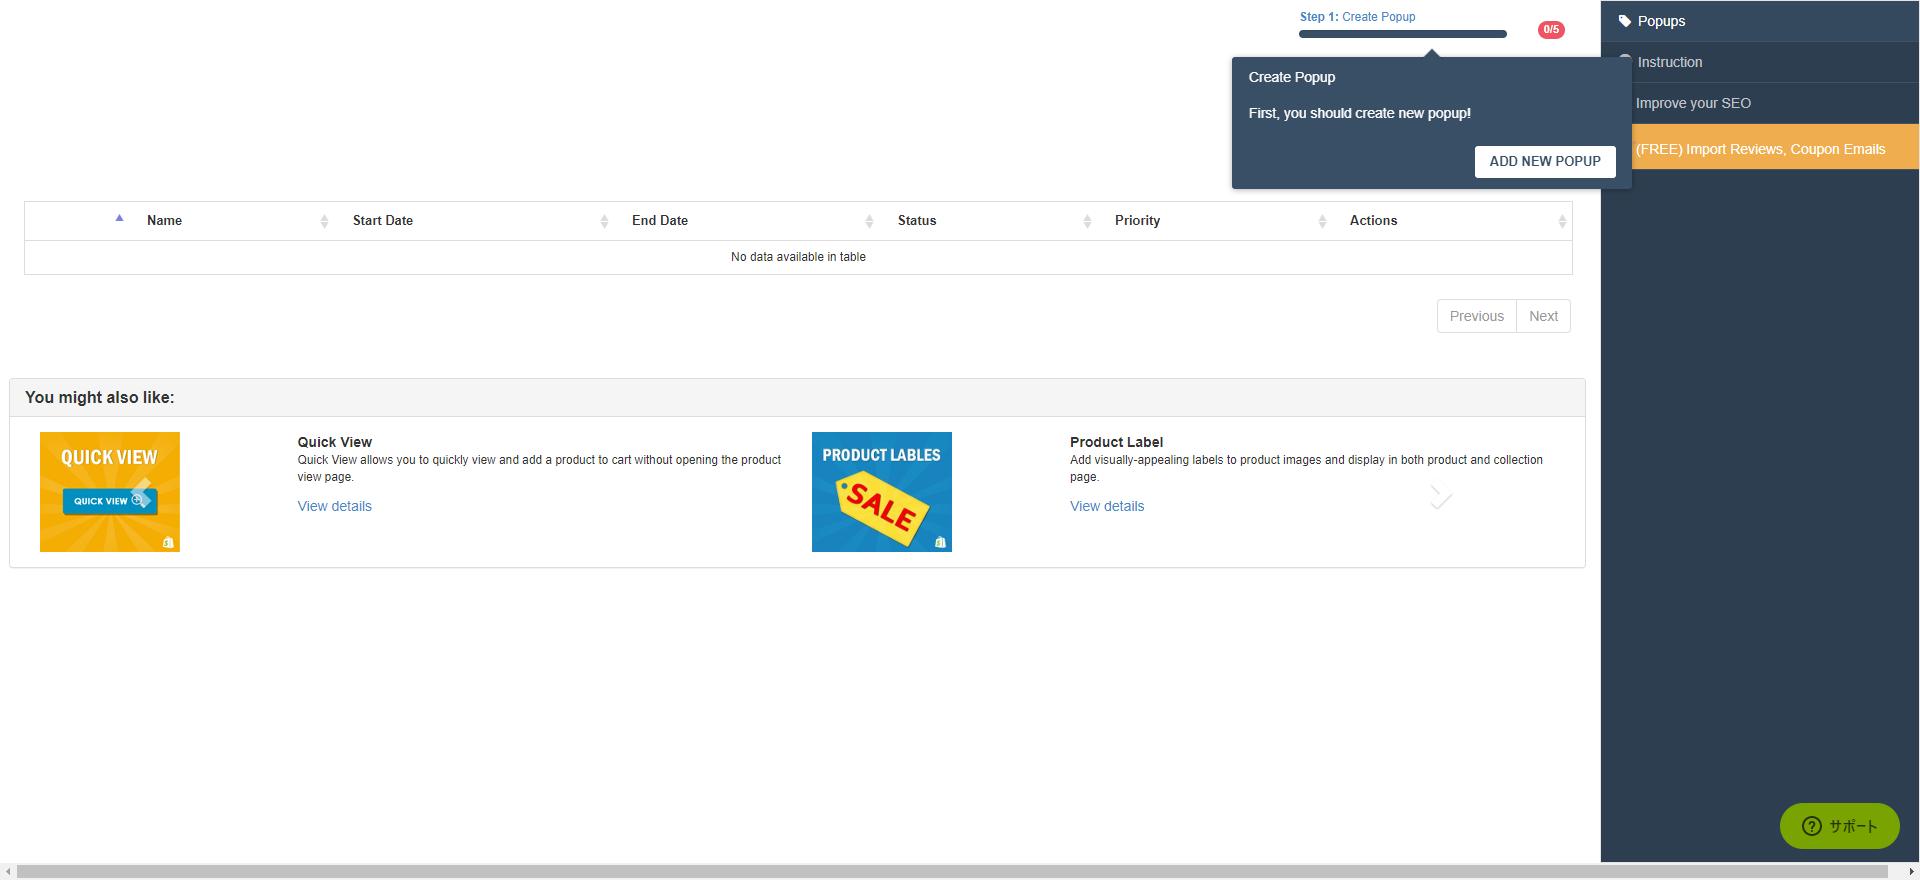 インストールをしてSmartPopup: Promotion Popupのダッシュボードが開いたら初期設定が完了。。